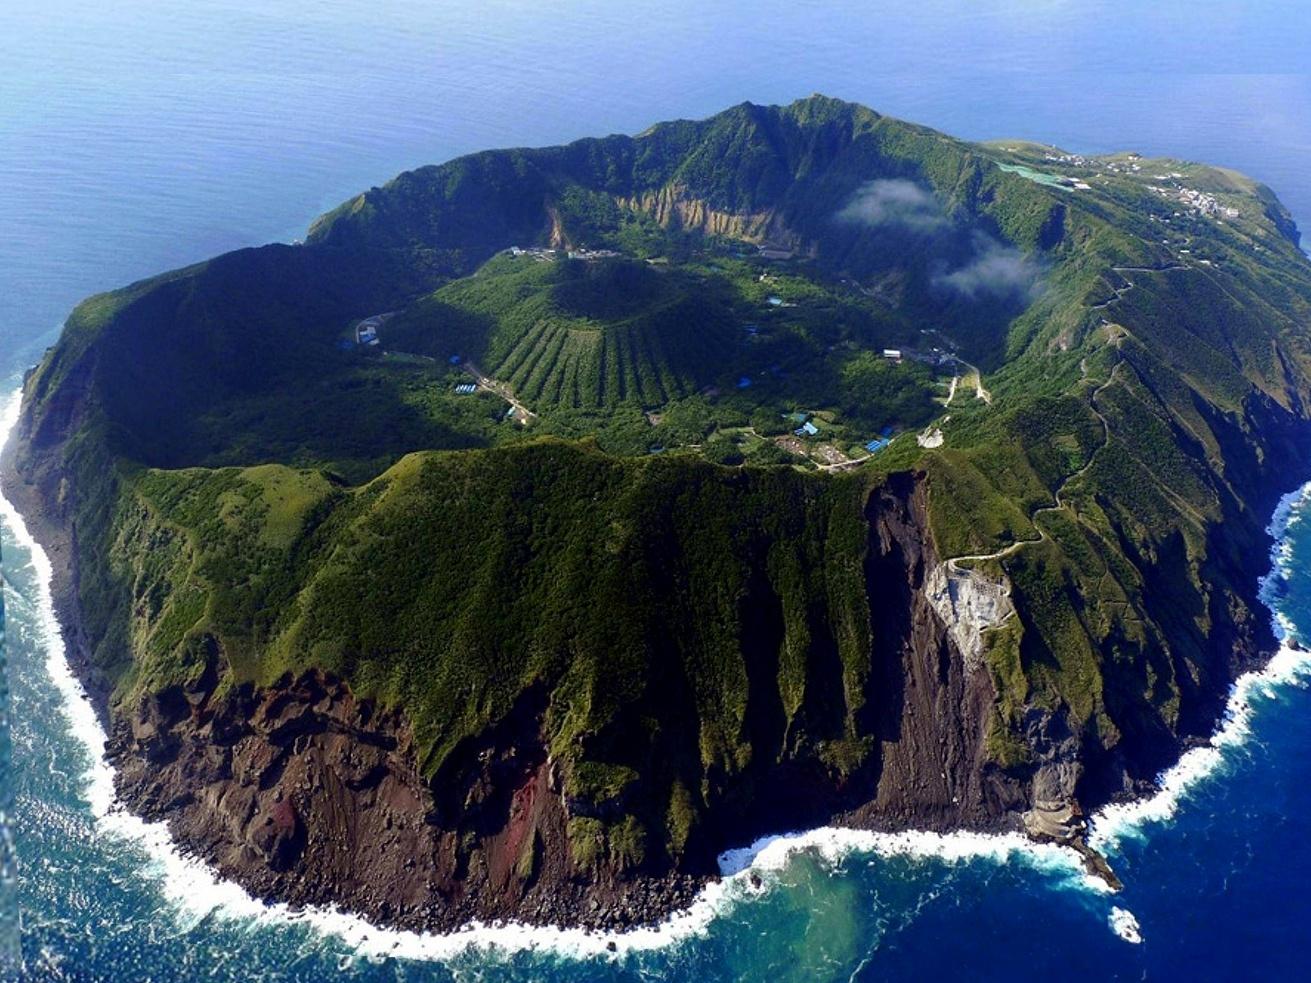 Ngôi làng nằm trên miệng núi lửa đang hoạt động